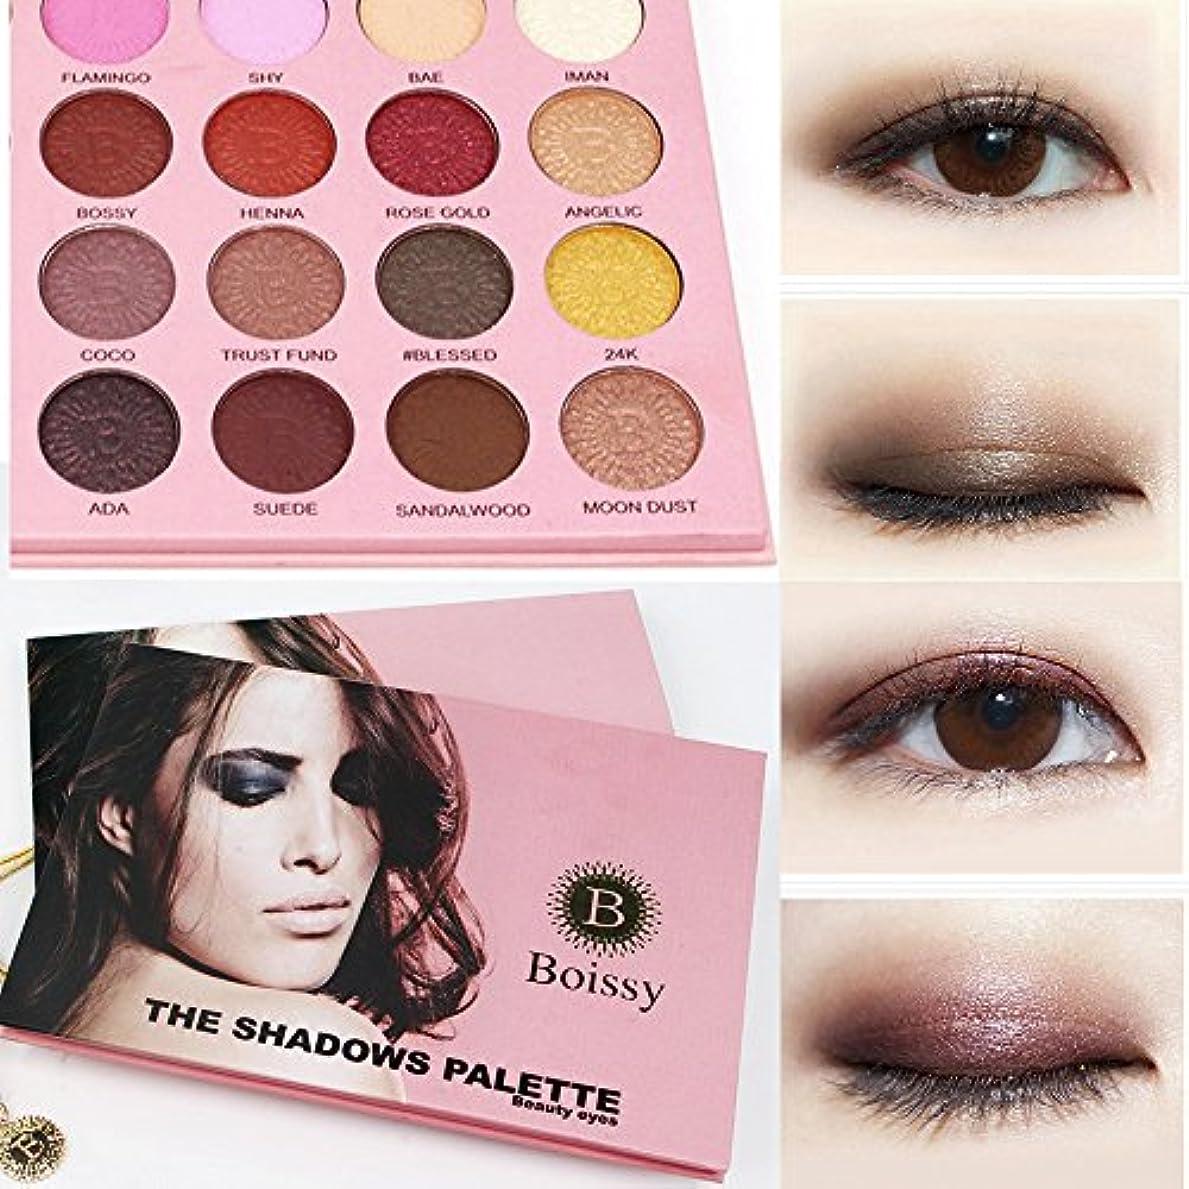 ナチュラル拍車順応性ビューティー アイシャドー BOBOGOJP 24色 パール/マット 2in1 アイシャドー パレット 化粧セット Eyeshadow Palette 携帯便利 多機能 アイメイク道具 (Multicolor)